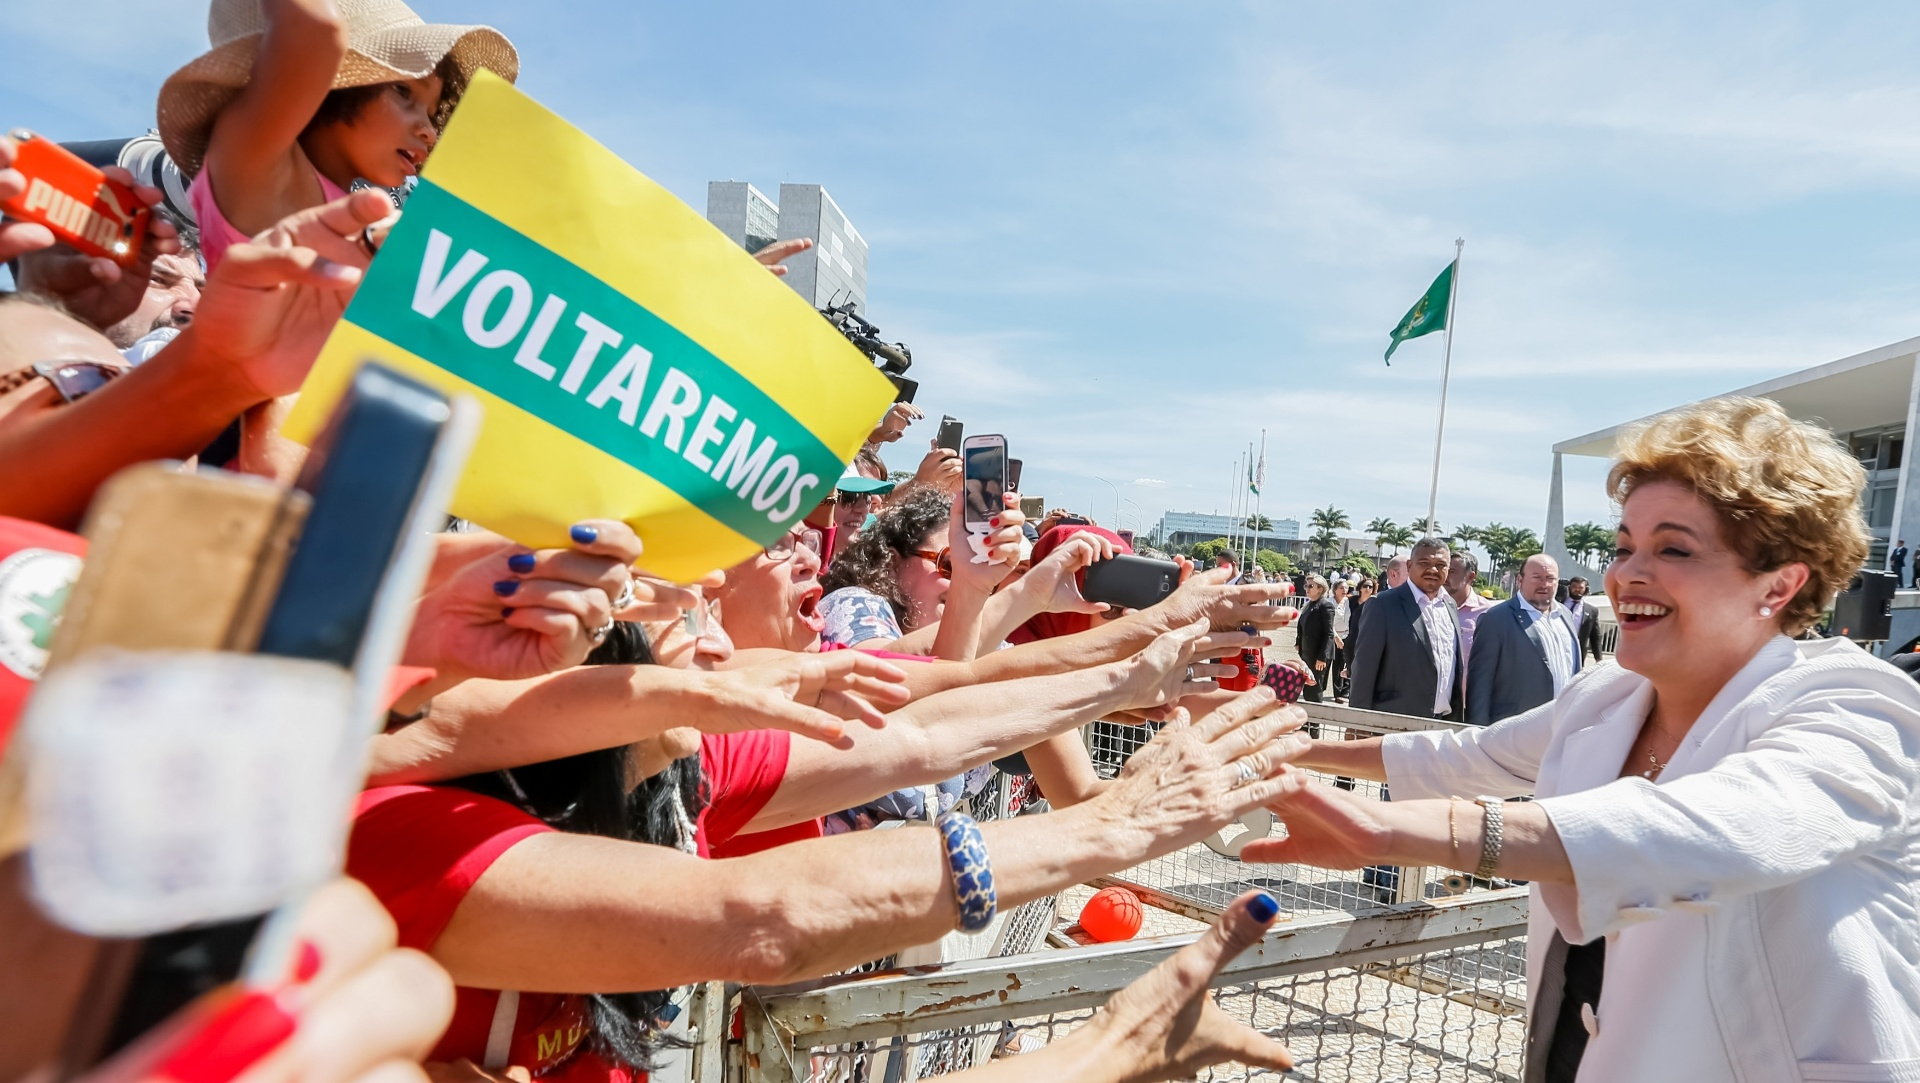 11.mai.2016 - A presidente afastada Dilma Rousseff (PT) é recebida por apoiadores ao deixar o Palácio do Planalto, em Brasília, depois de realizar discurso. Um dos manifestantes contrários ao impeachment exibiu um cartaz com a palavra